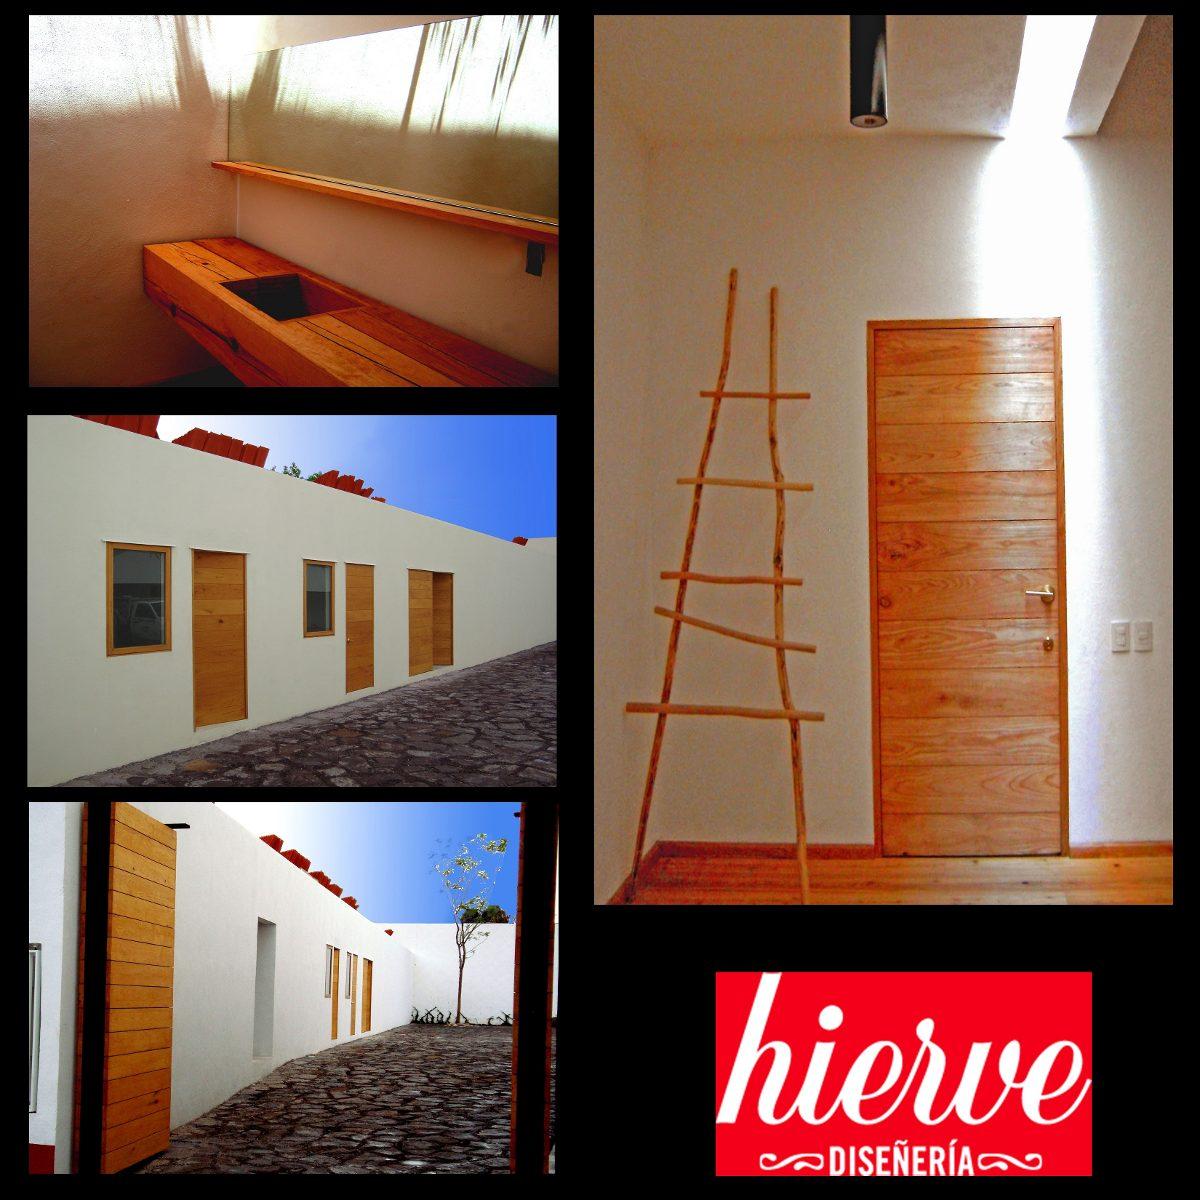 Cotizaci n y asesor a de closet y carpinteria for Cotizacion de closets